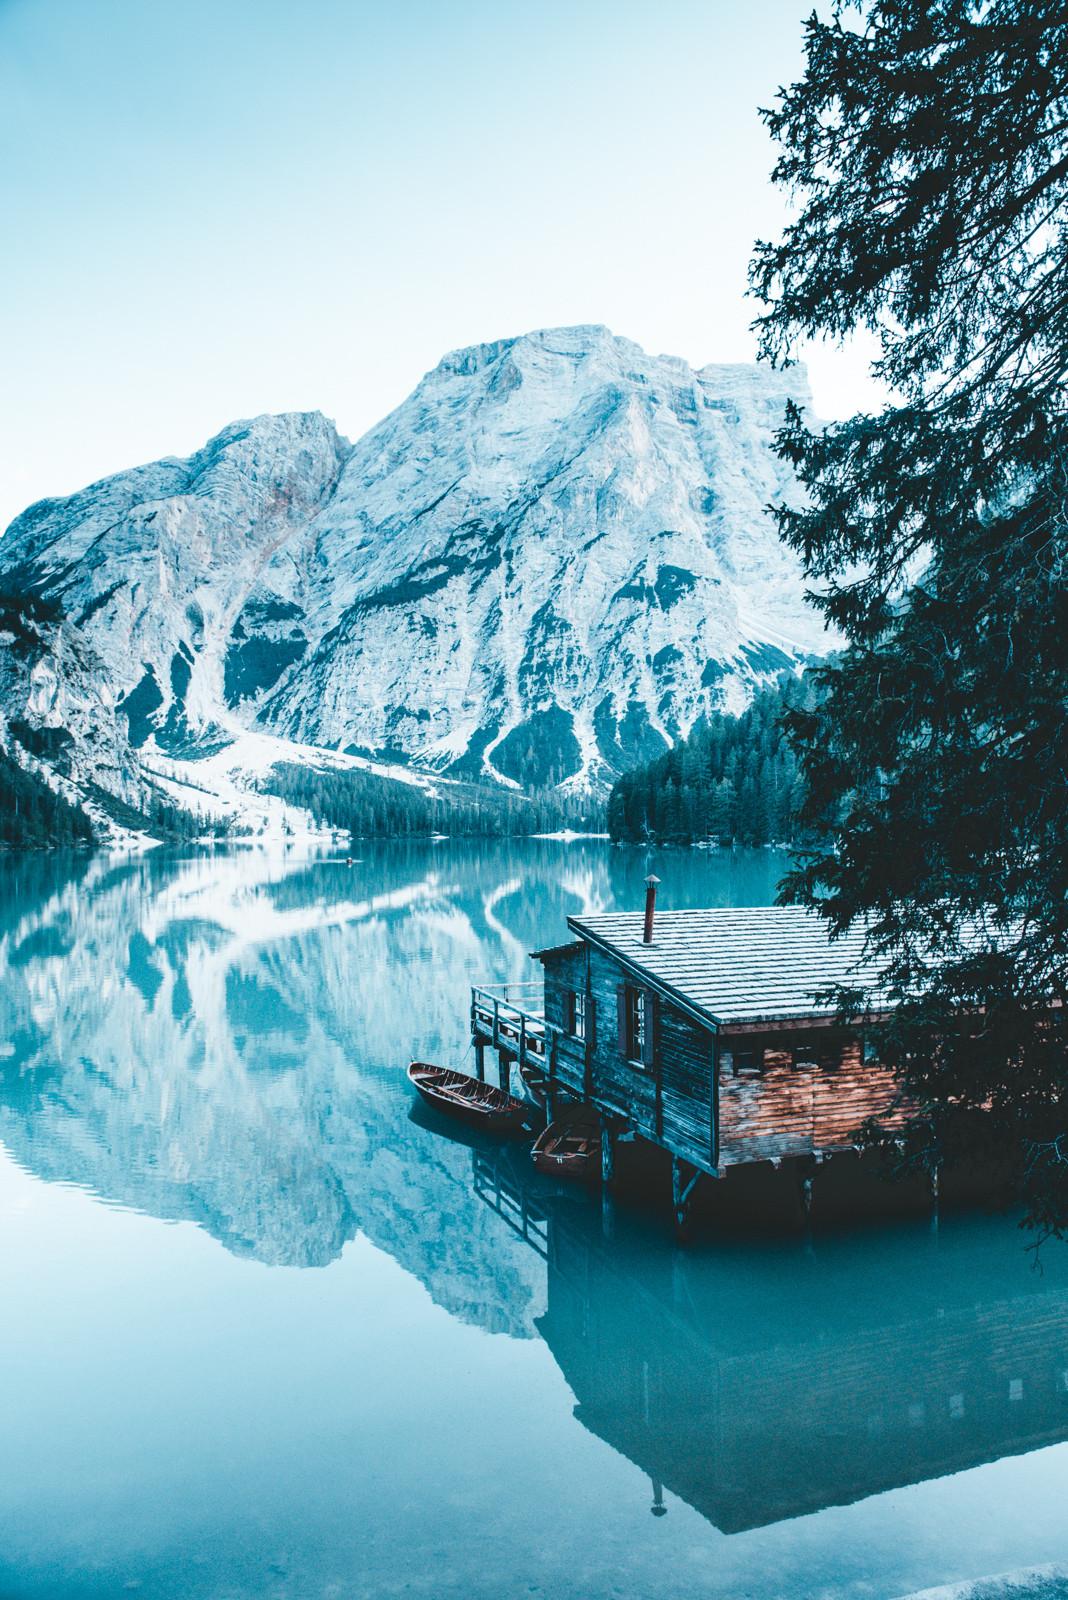 aguas esmeralda viran a tonos gelidos en el lago braies fotografia de paolo pettigiani